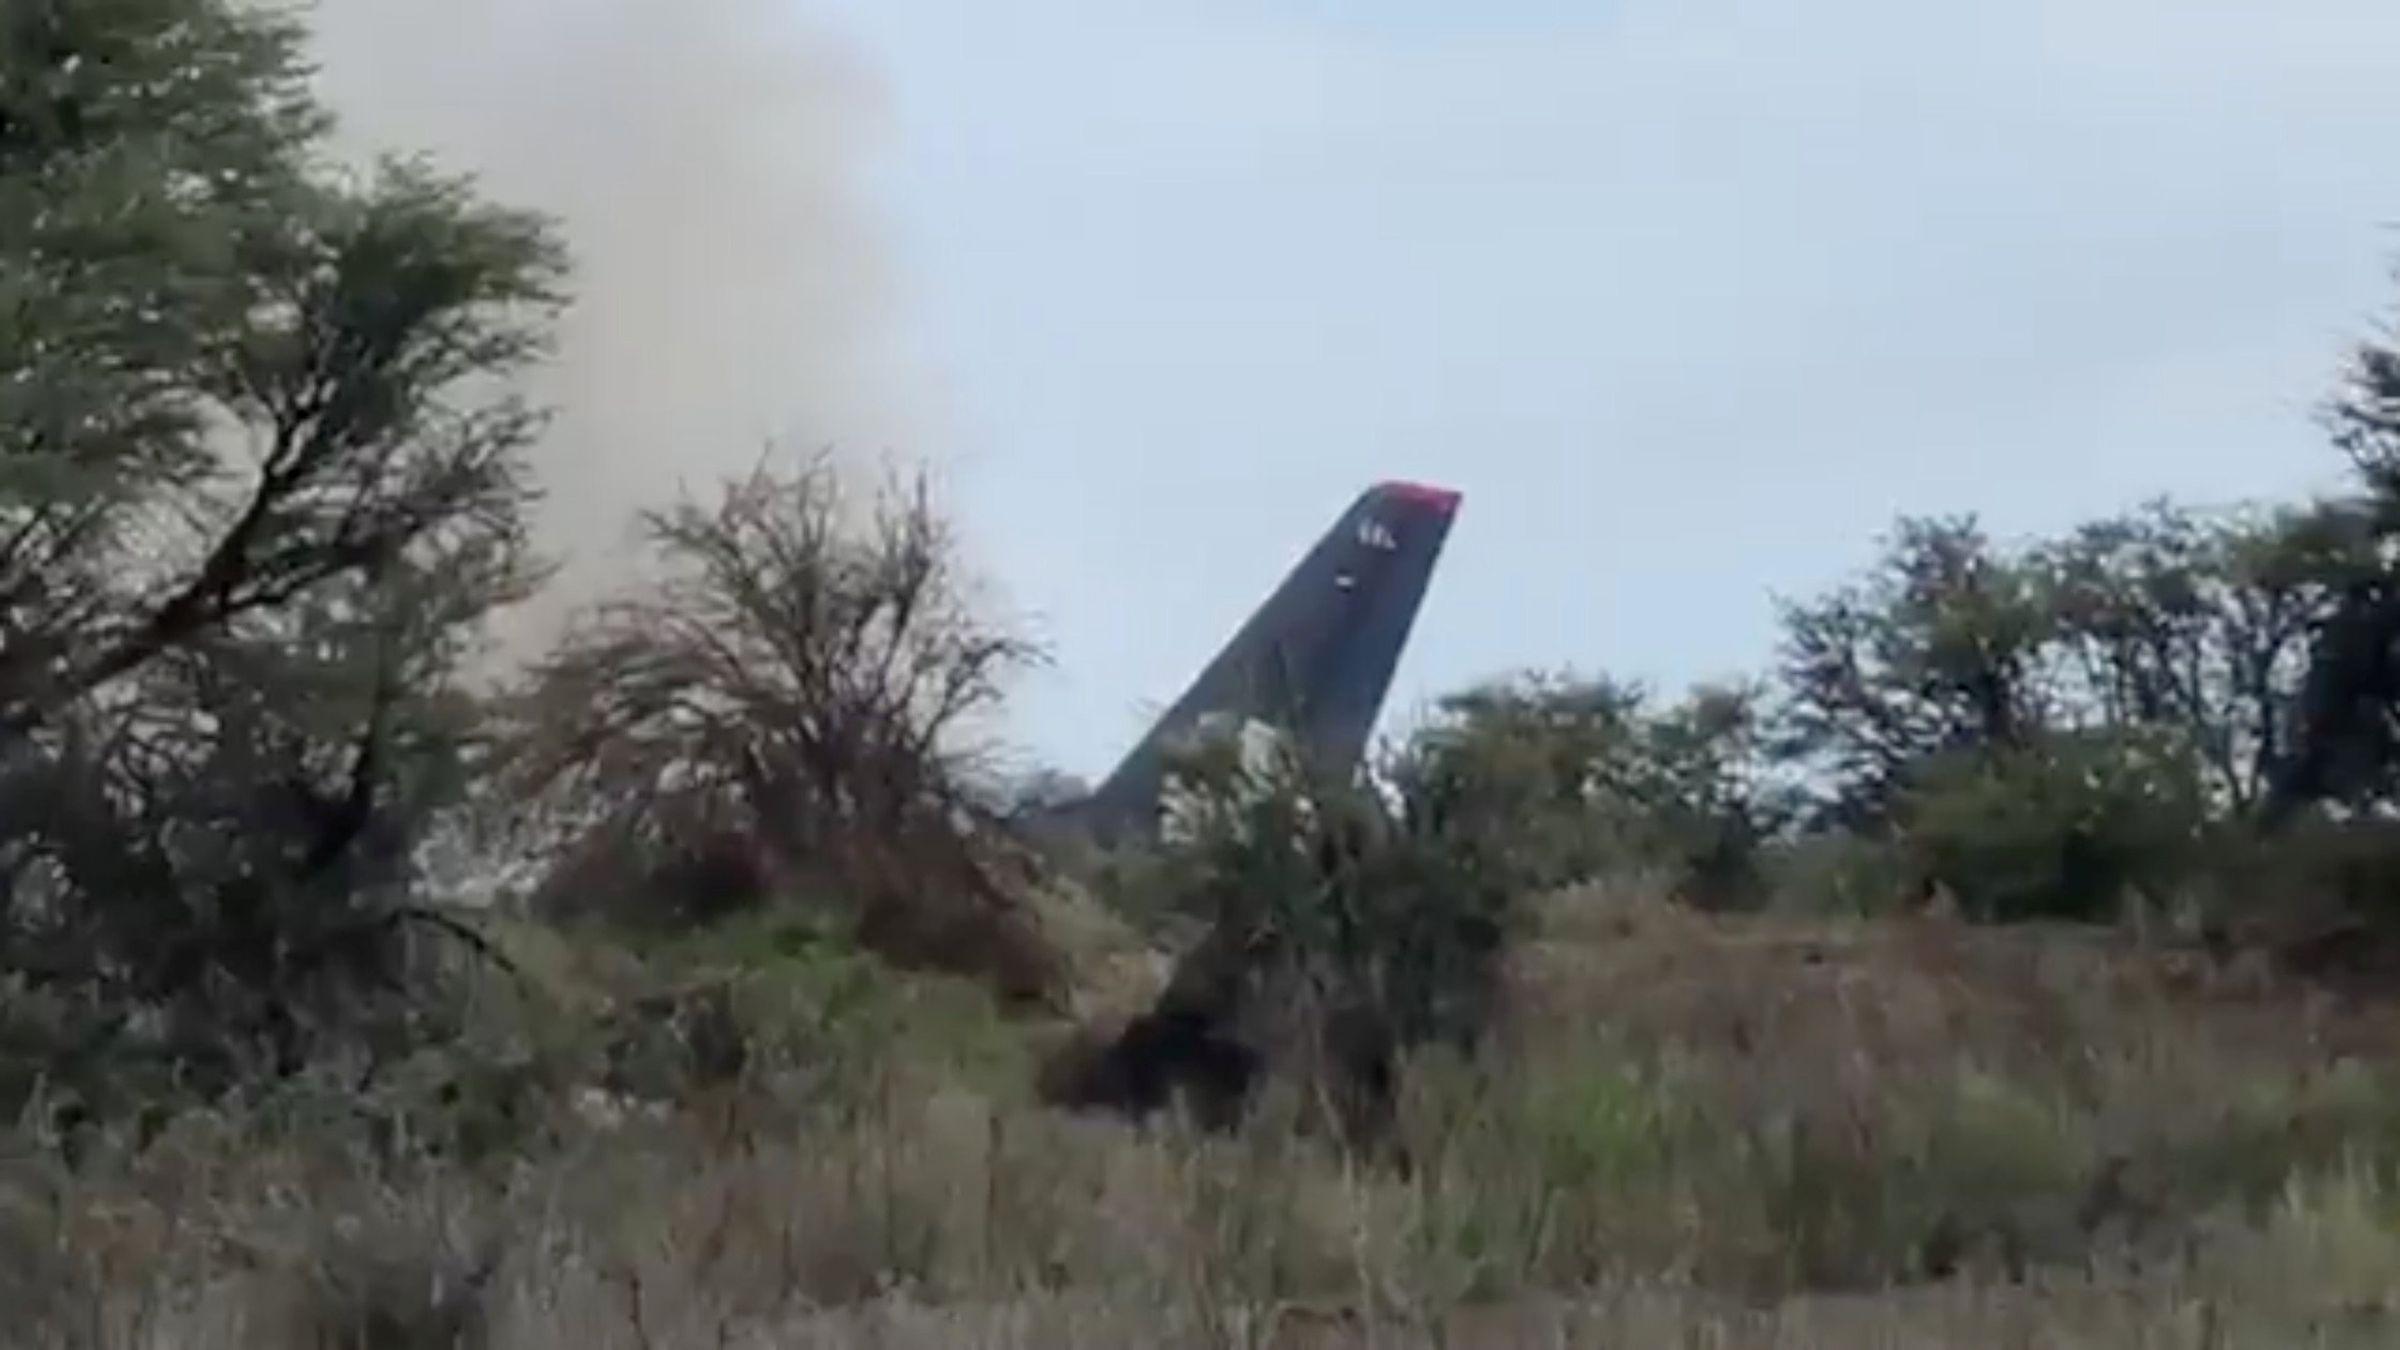 Un avión con 104 personas a bordo se estrella en México sin víctimas mortales.Equipos de socorro se dirigen hacia el avión de Aeroméxico estrellado en Durango